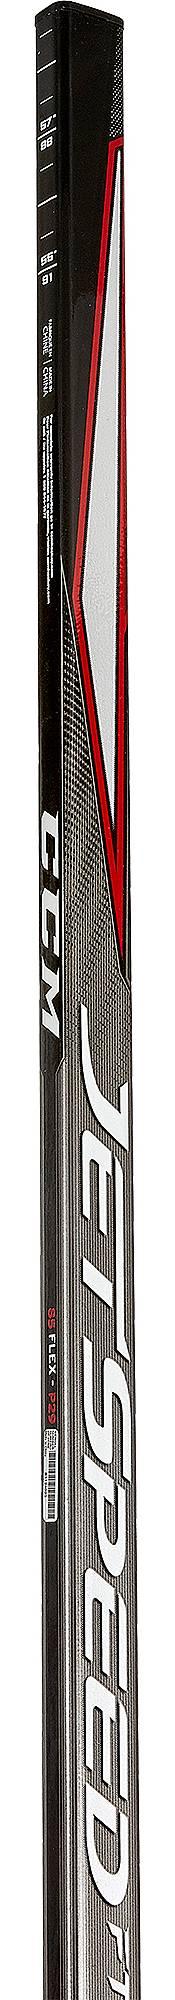 CCM Senior Jetspeed FT445 Ice Hockey Stick product image